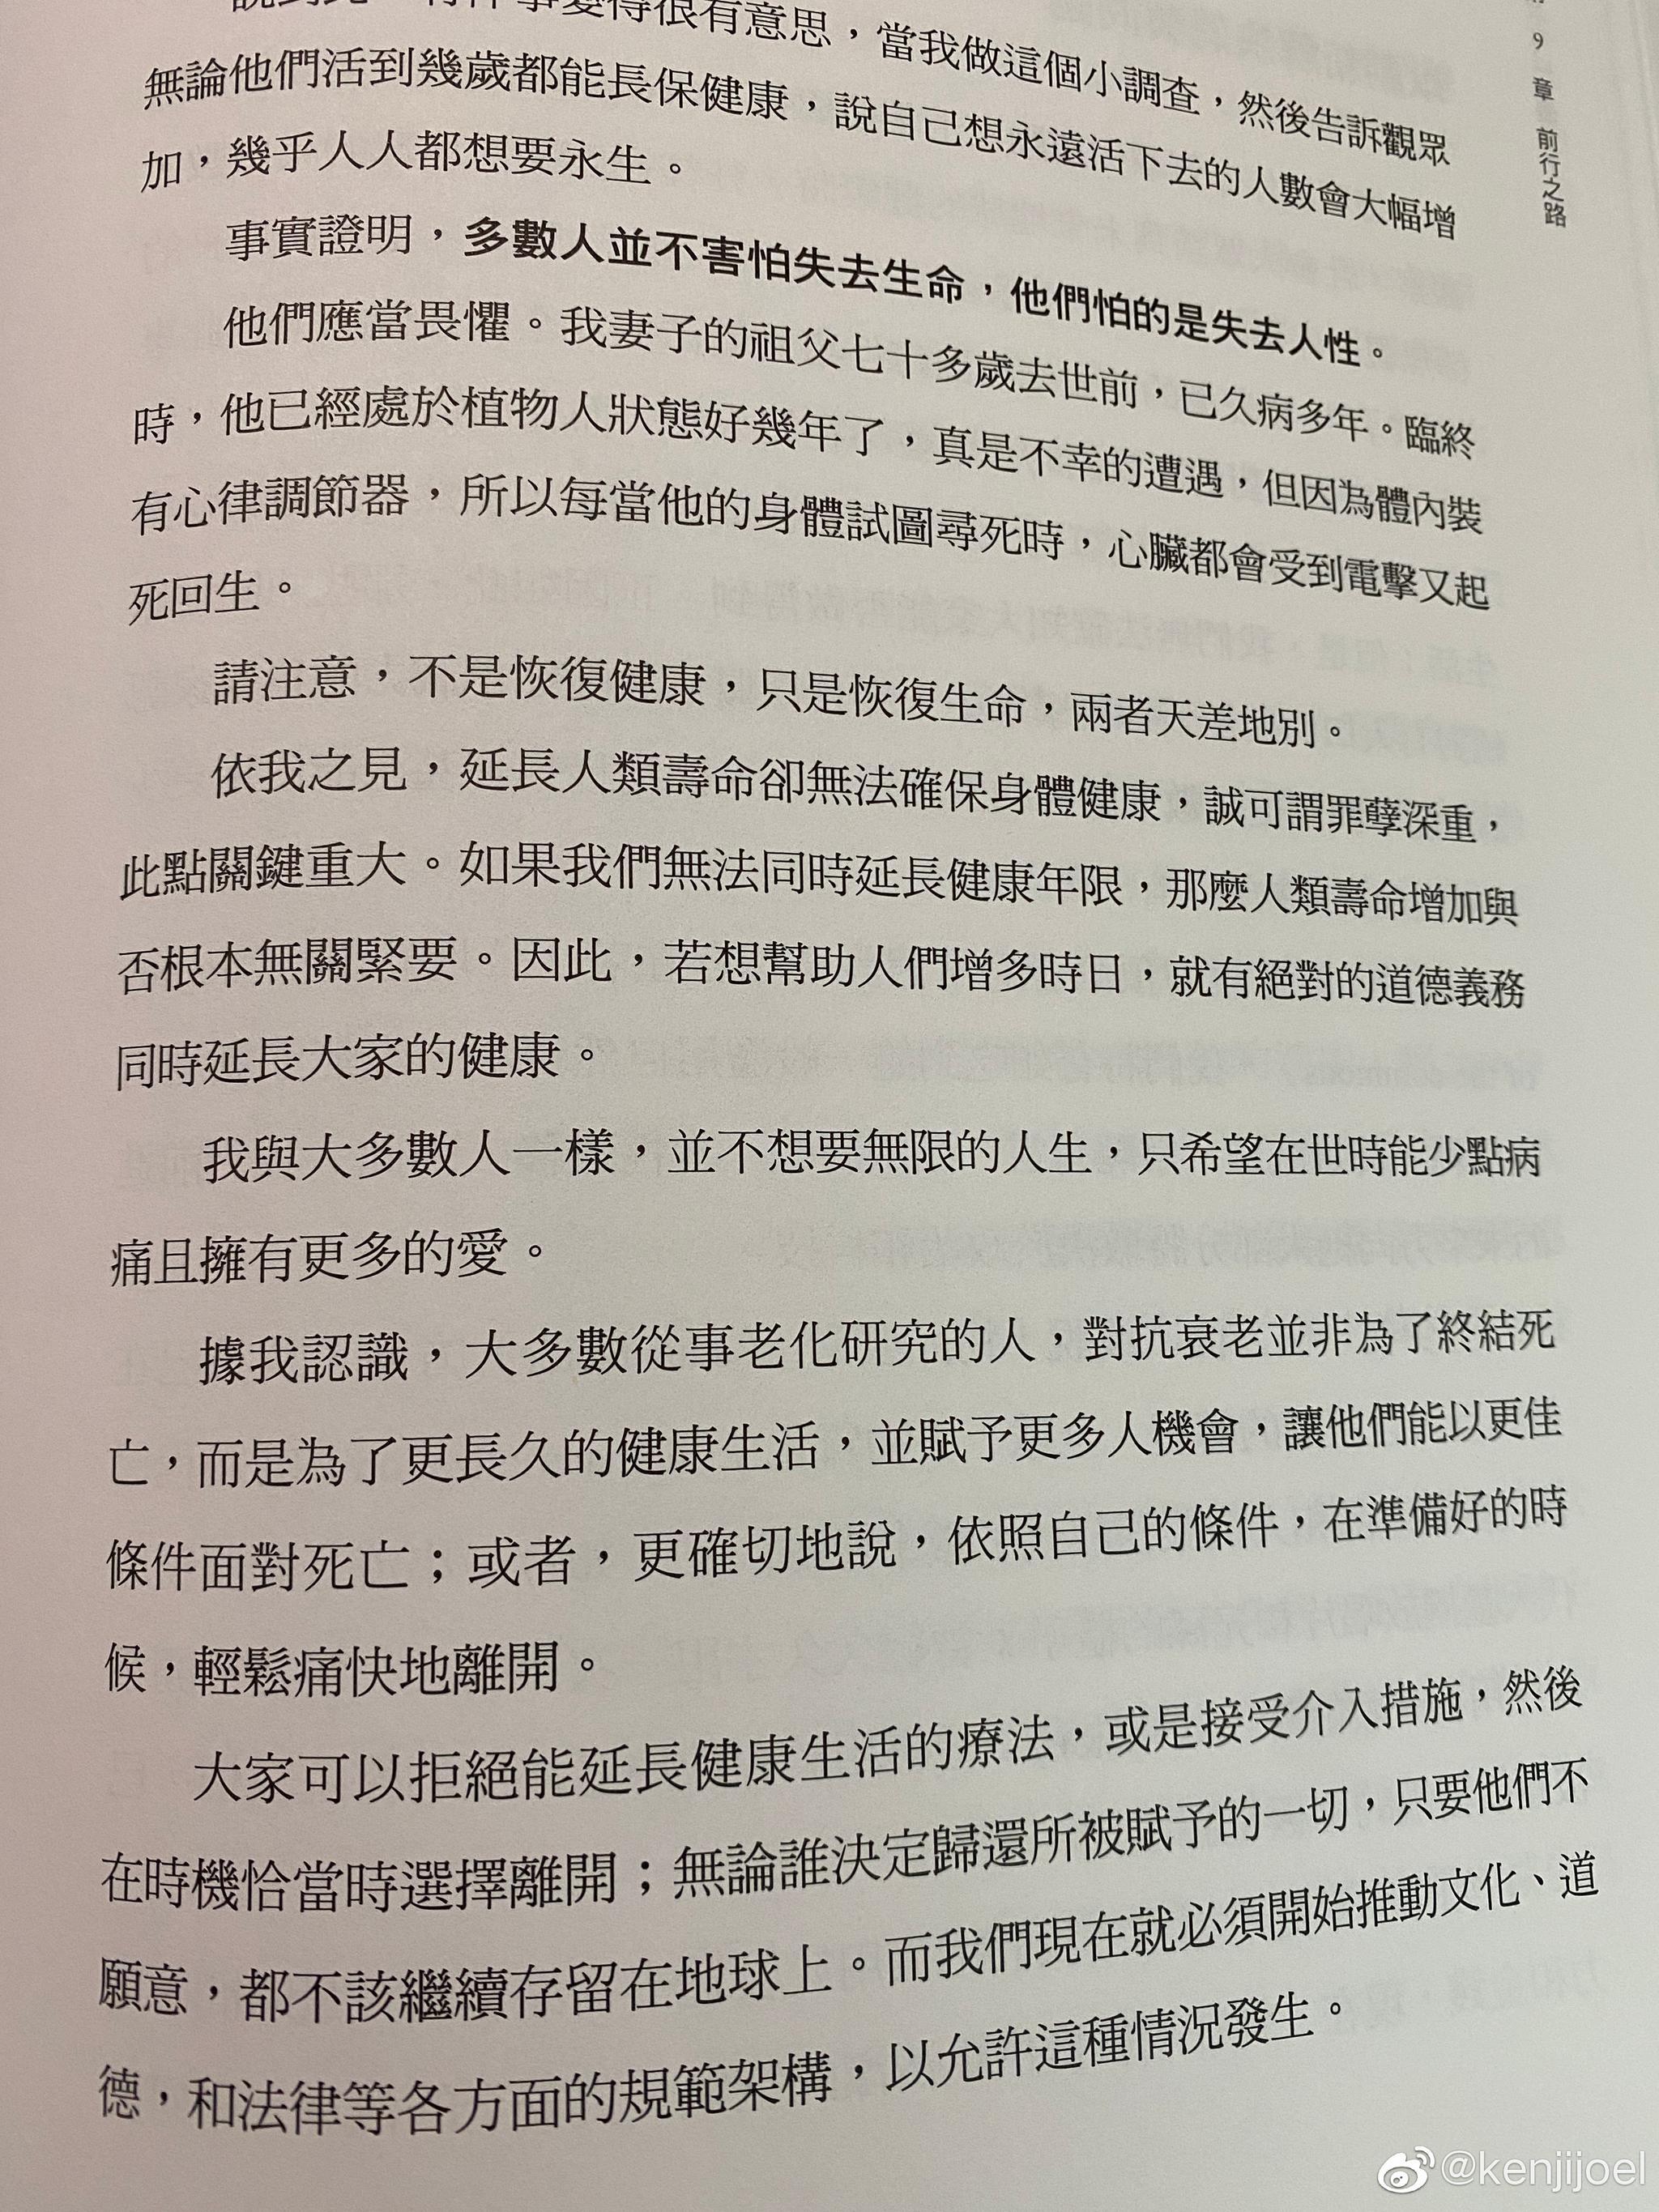 中文版虽然是繁体字,至少也比英文好读很多 ……